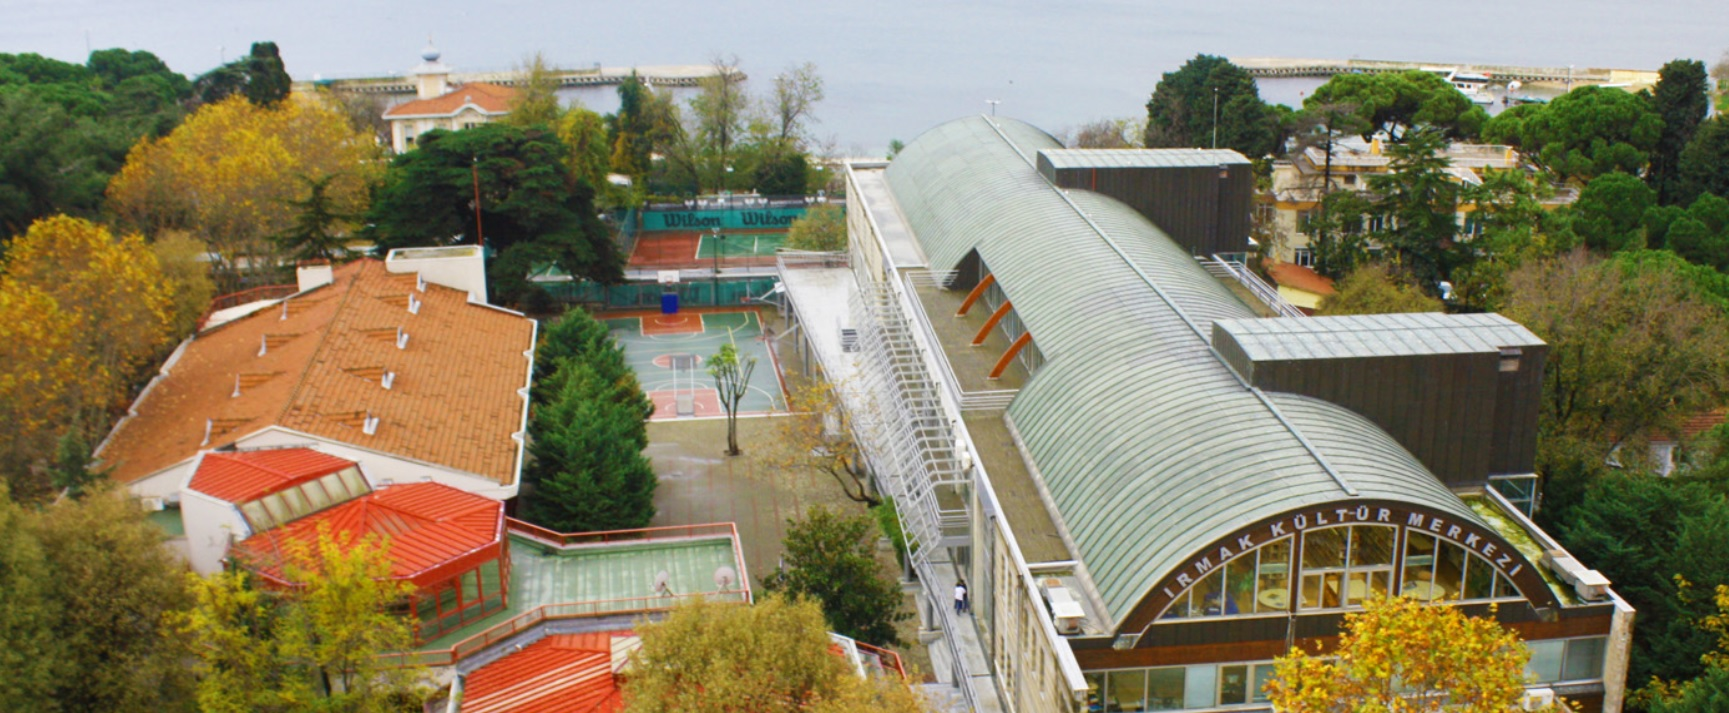 Irmak Okulları Ortaokulu